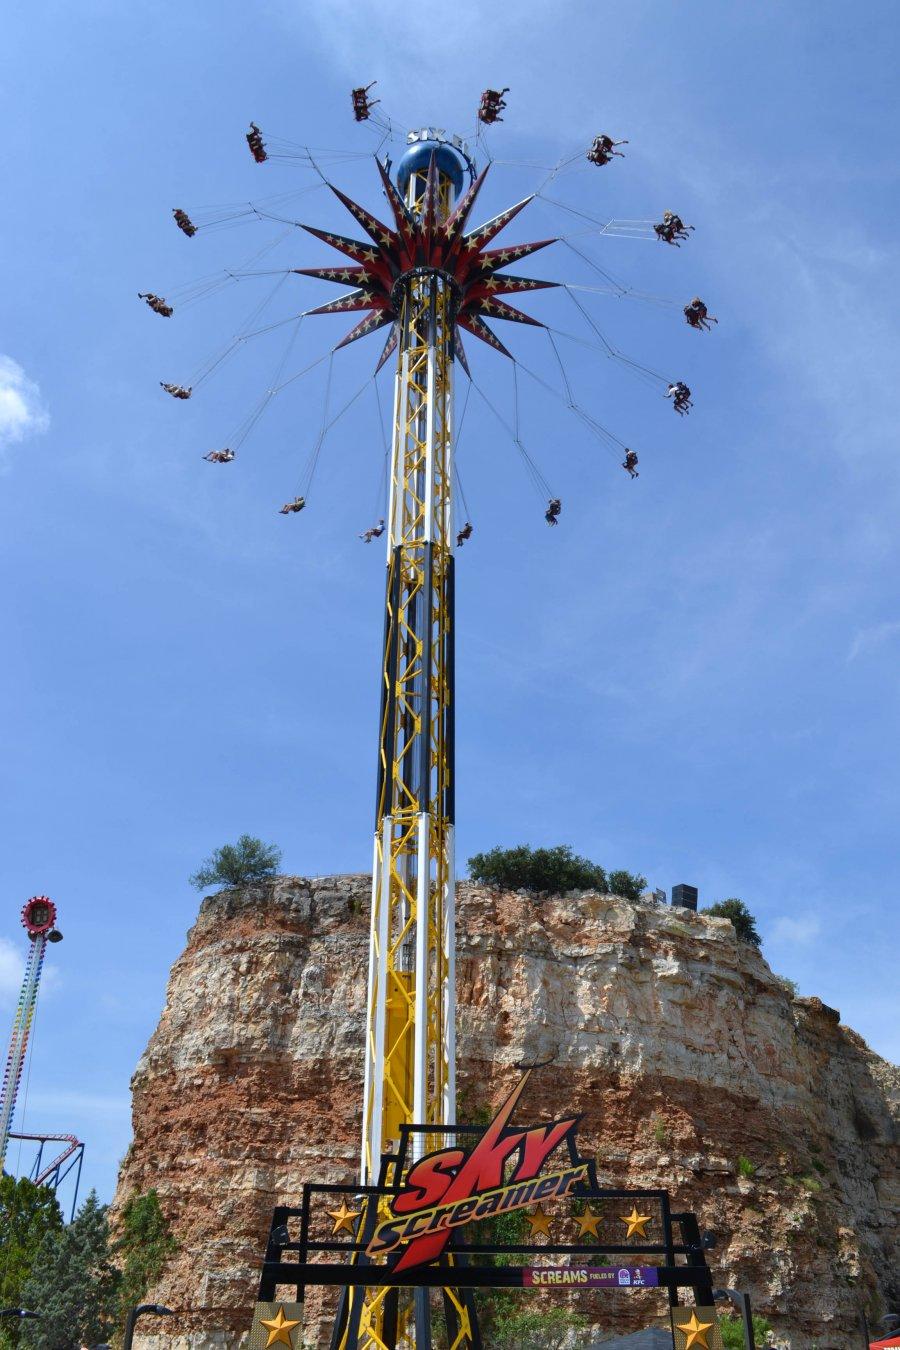 All Rides Fair